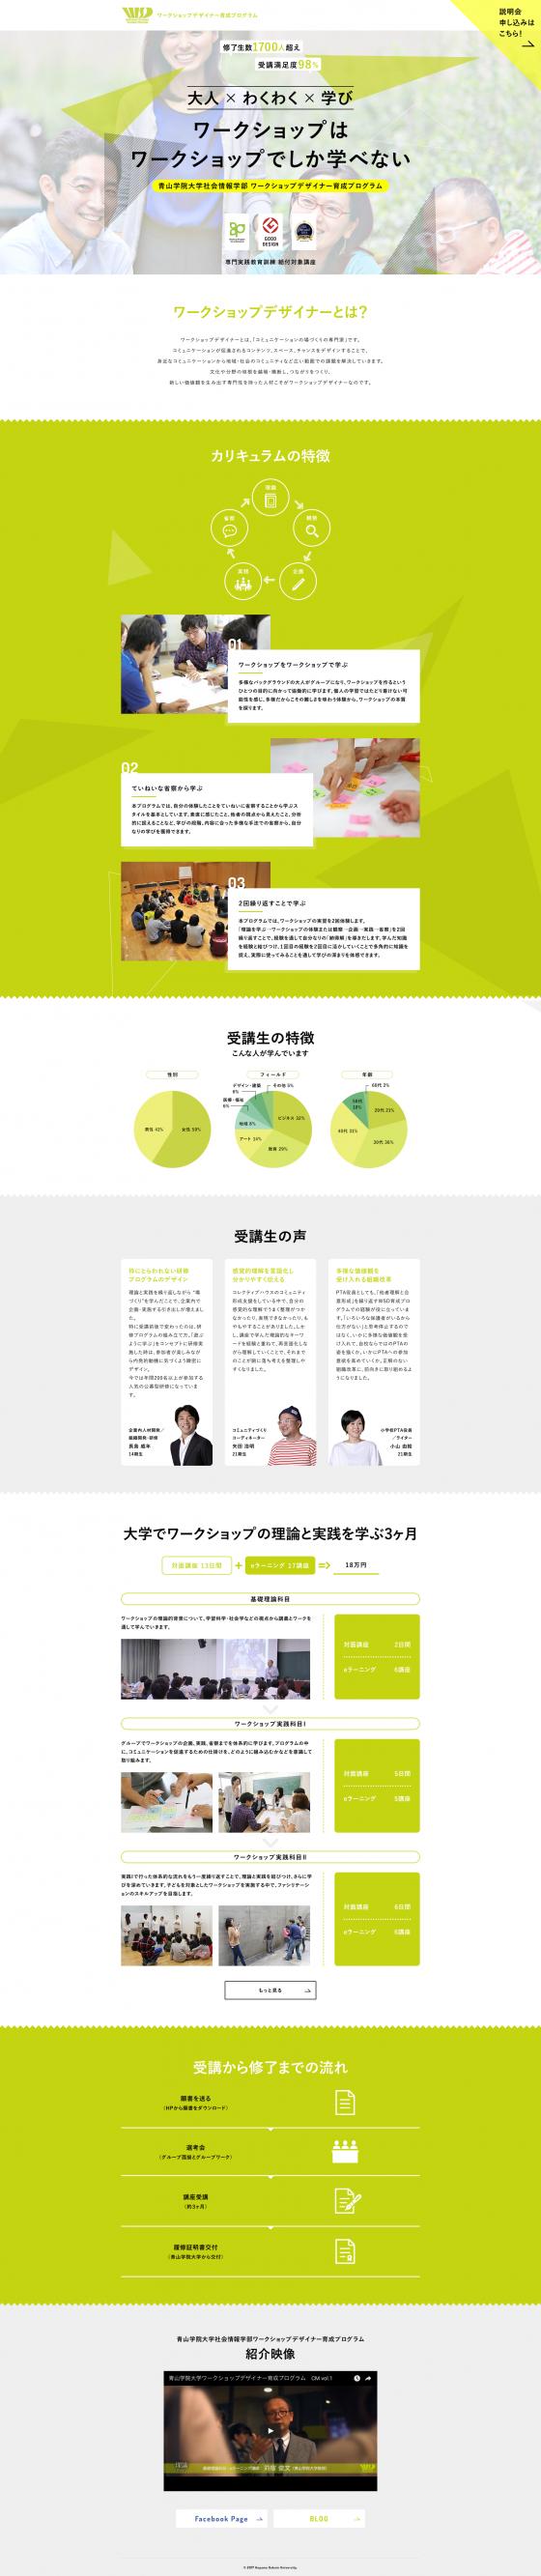 青山学院大学社会情報学部 ワークショップデザイナー育成プログラム